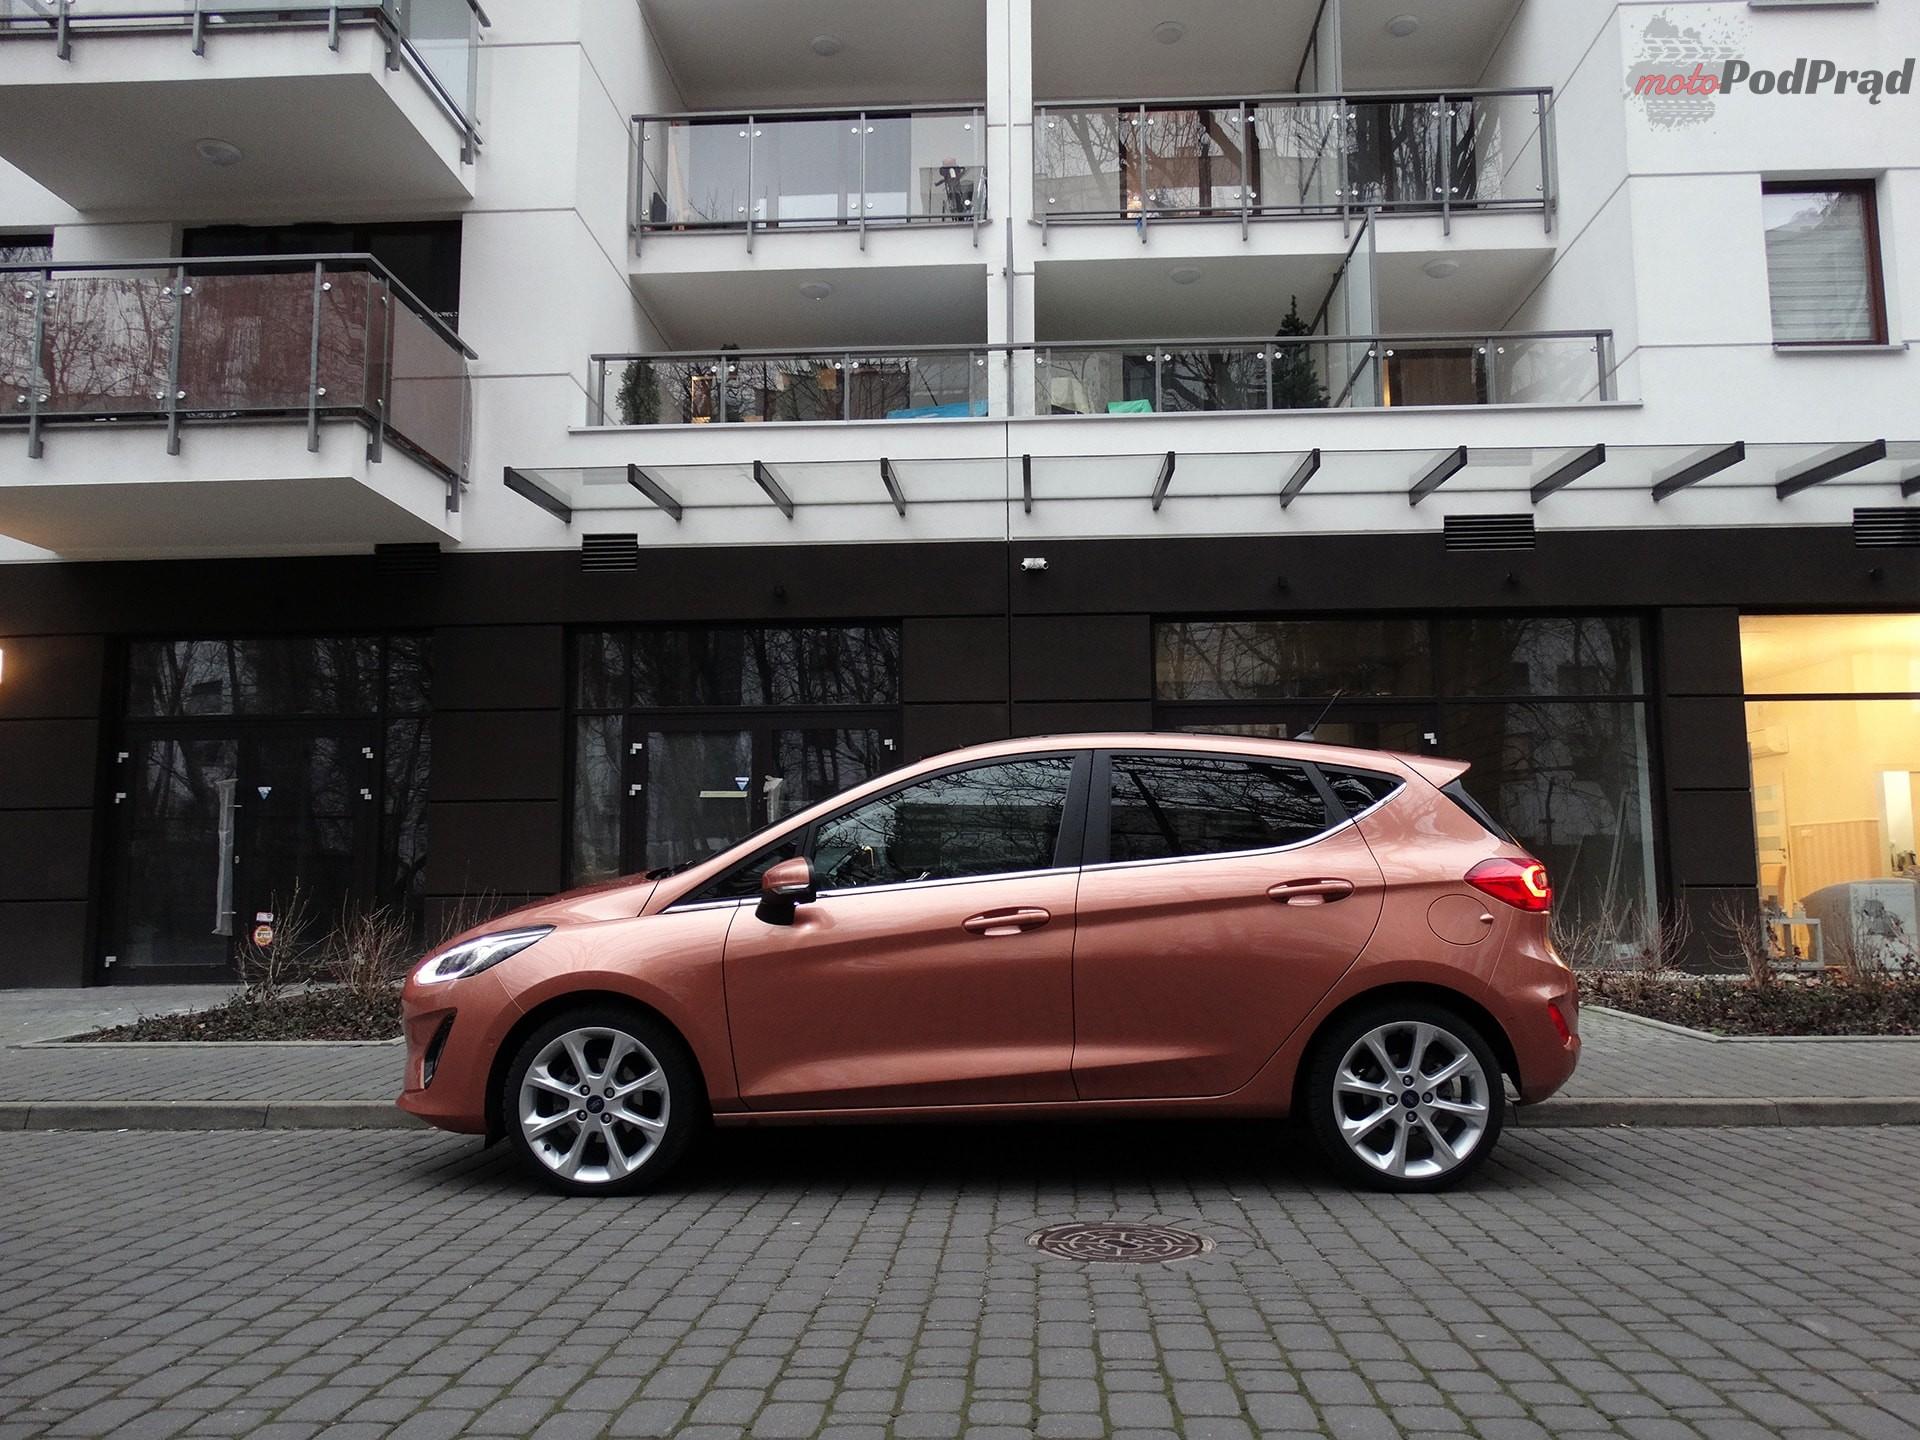 ford fiesta 2 Test: Ford Fiesta Titanium 1.0 EcoBoost 125 KM   ani trochę obiektywnie